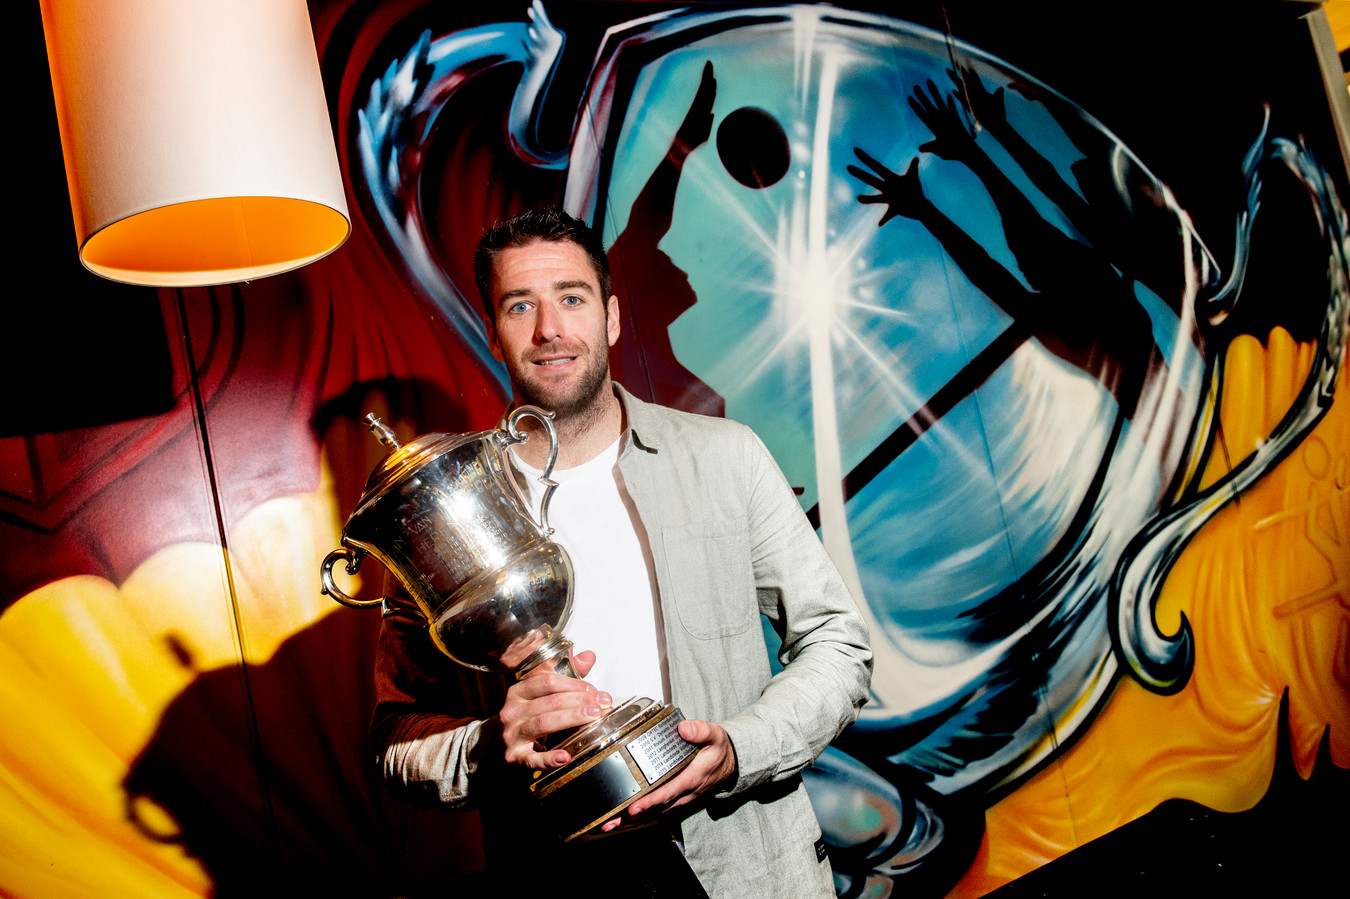 Volleyballer Mats Kruiswijk vertrekt na zeven jaar bij Dynamo. De Hagenaar wil dichterbij huis en familie volleyballen.